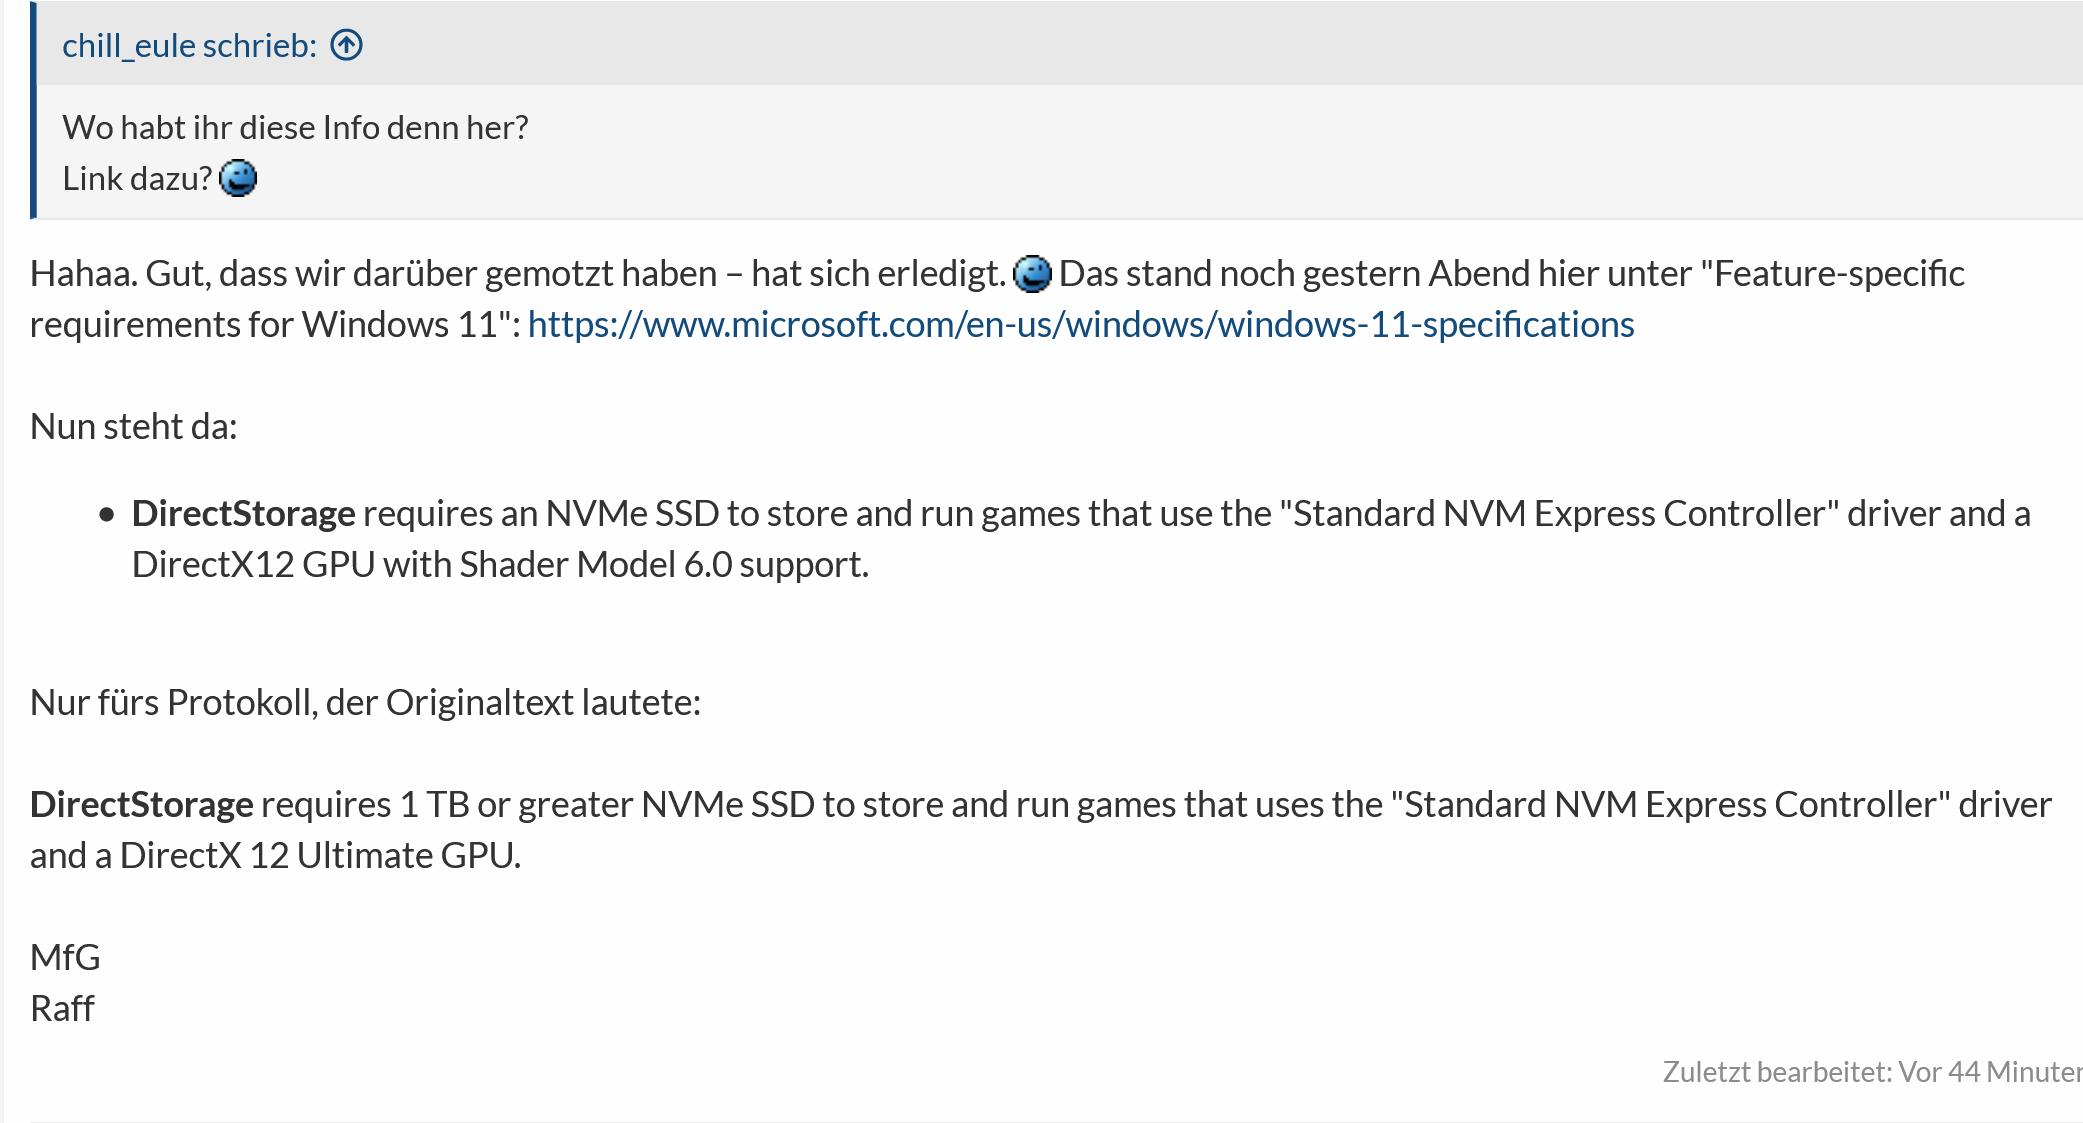 Screenshot 2021-06-25 at 12-20-23 Direct Storage in Windows 11 SSD-Turbo kommt nicht für Windo...png